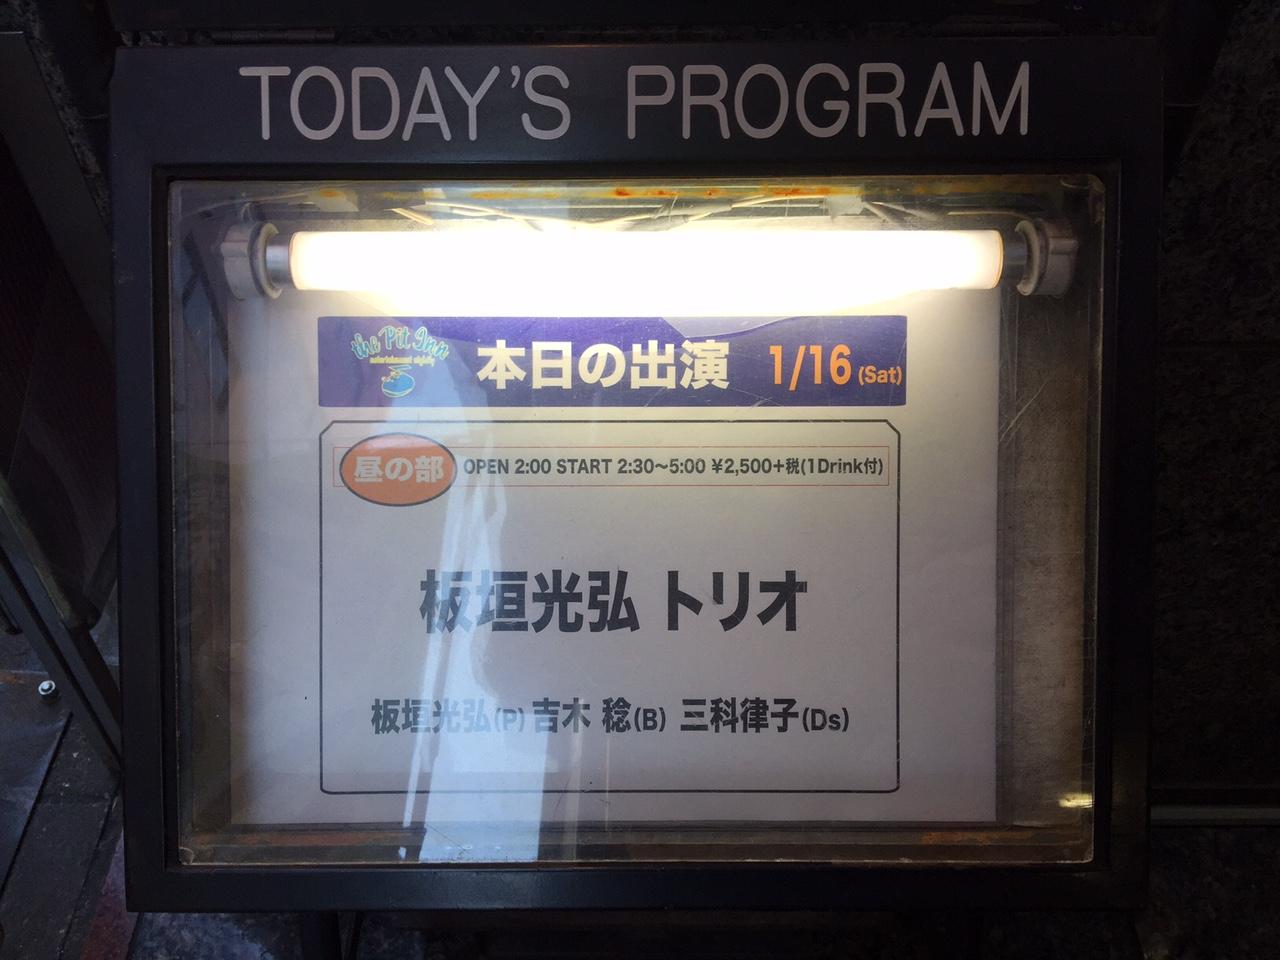 ありがとうございました!2016.1.16 板垣光弘トリオ@新宿ピットイン(昼)_d0003502_225745.jpg